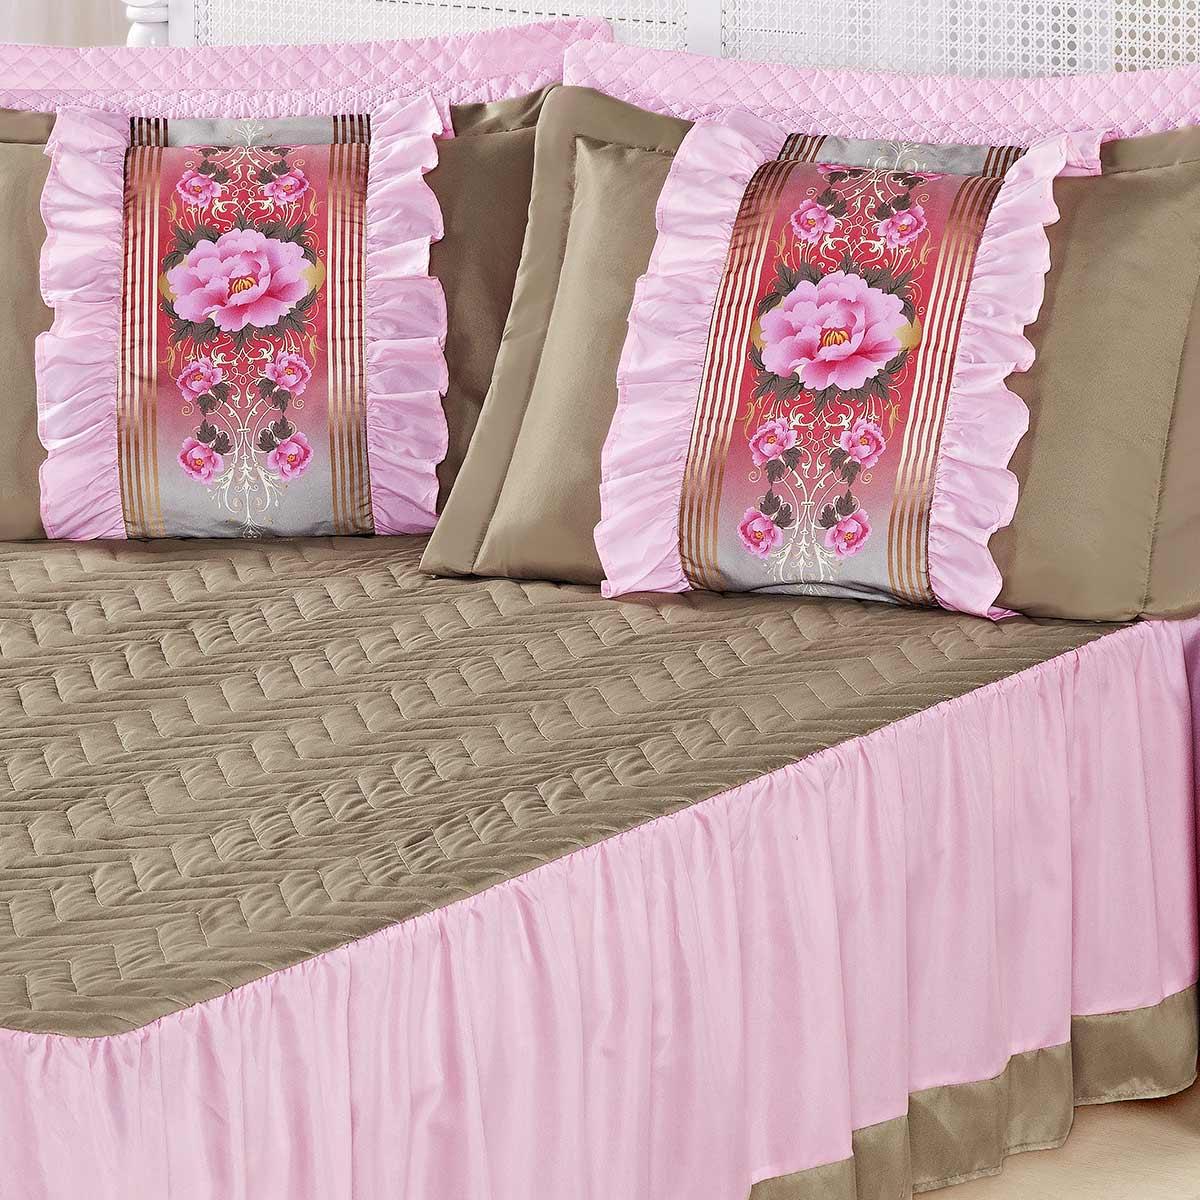 Colcha Casal Bia Caqui com Rosa Liso com 5 peças